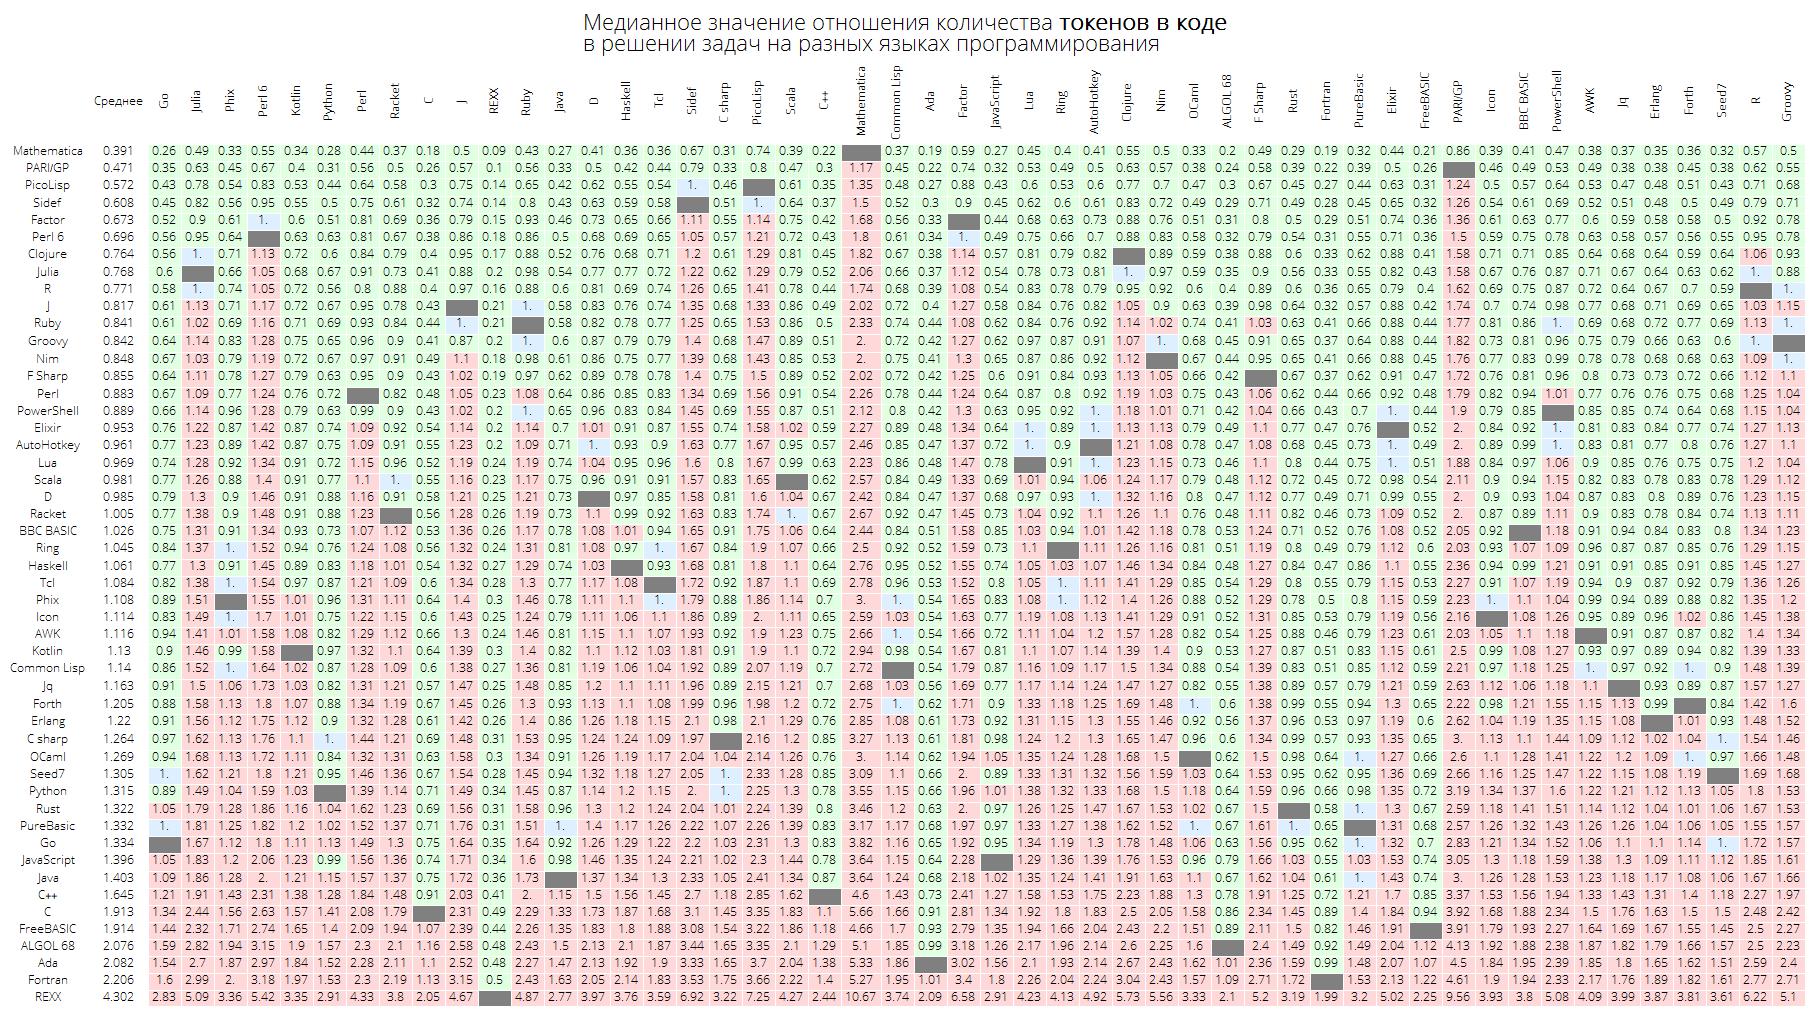 Розеттский код: измеряем длину кода в огромном количестве языков программирования, изучаем близость языков между собой - 28